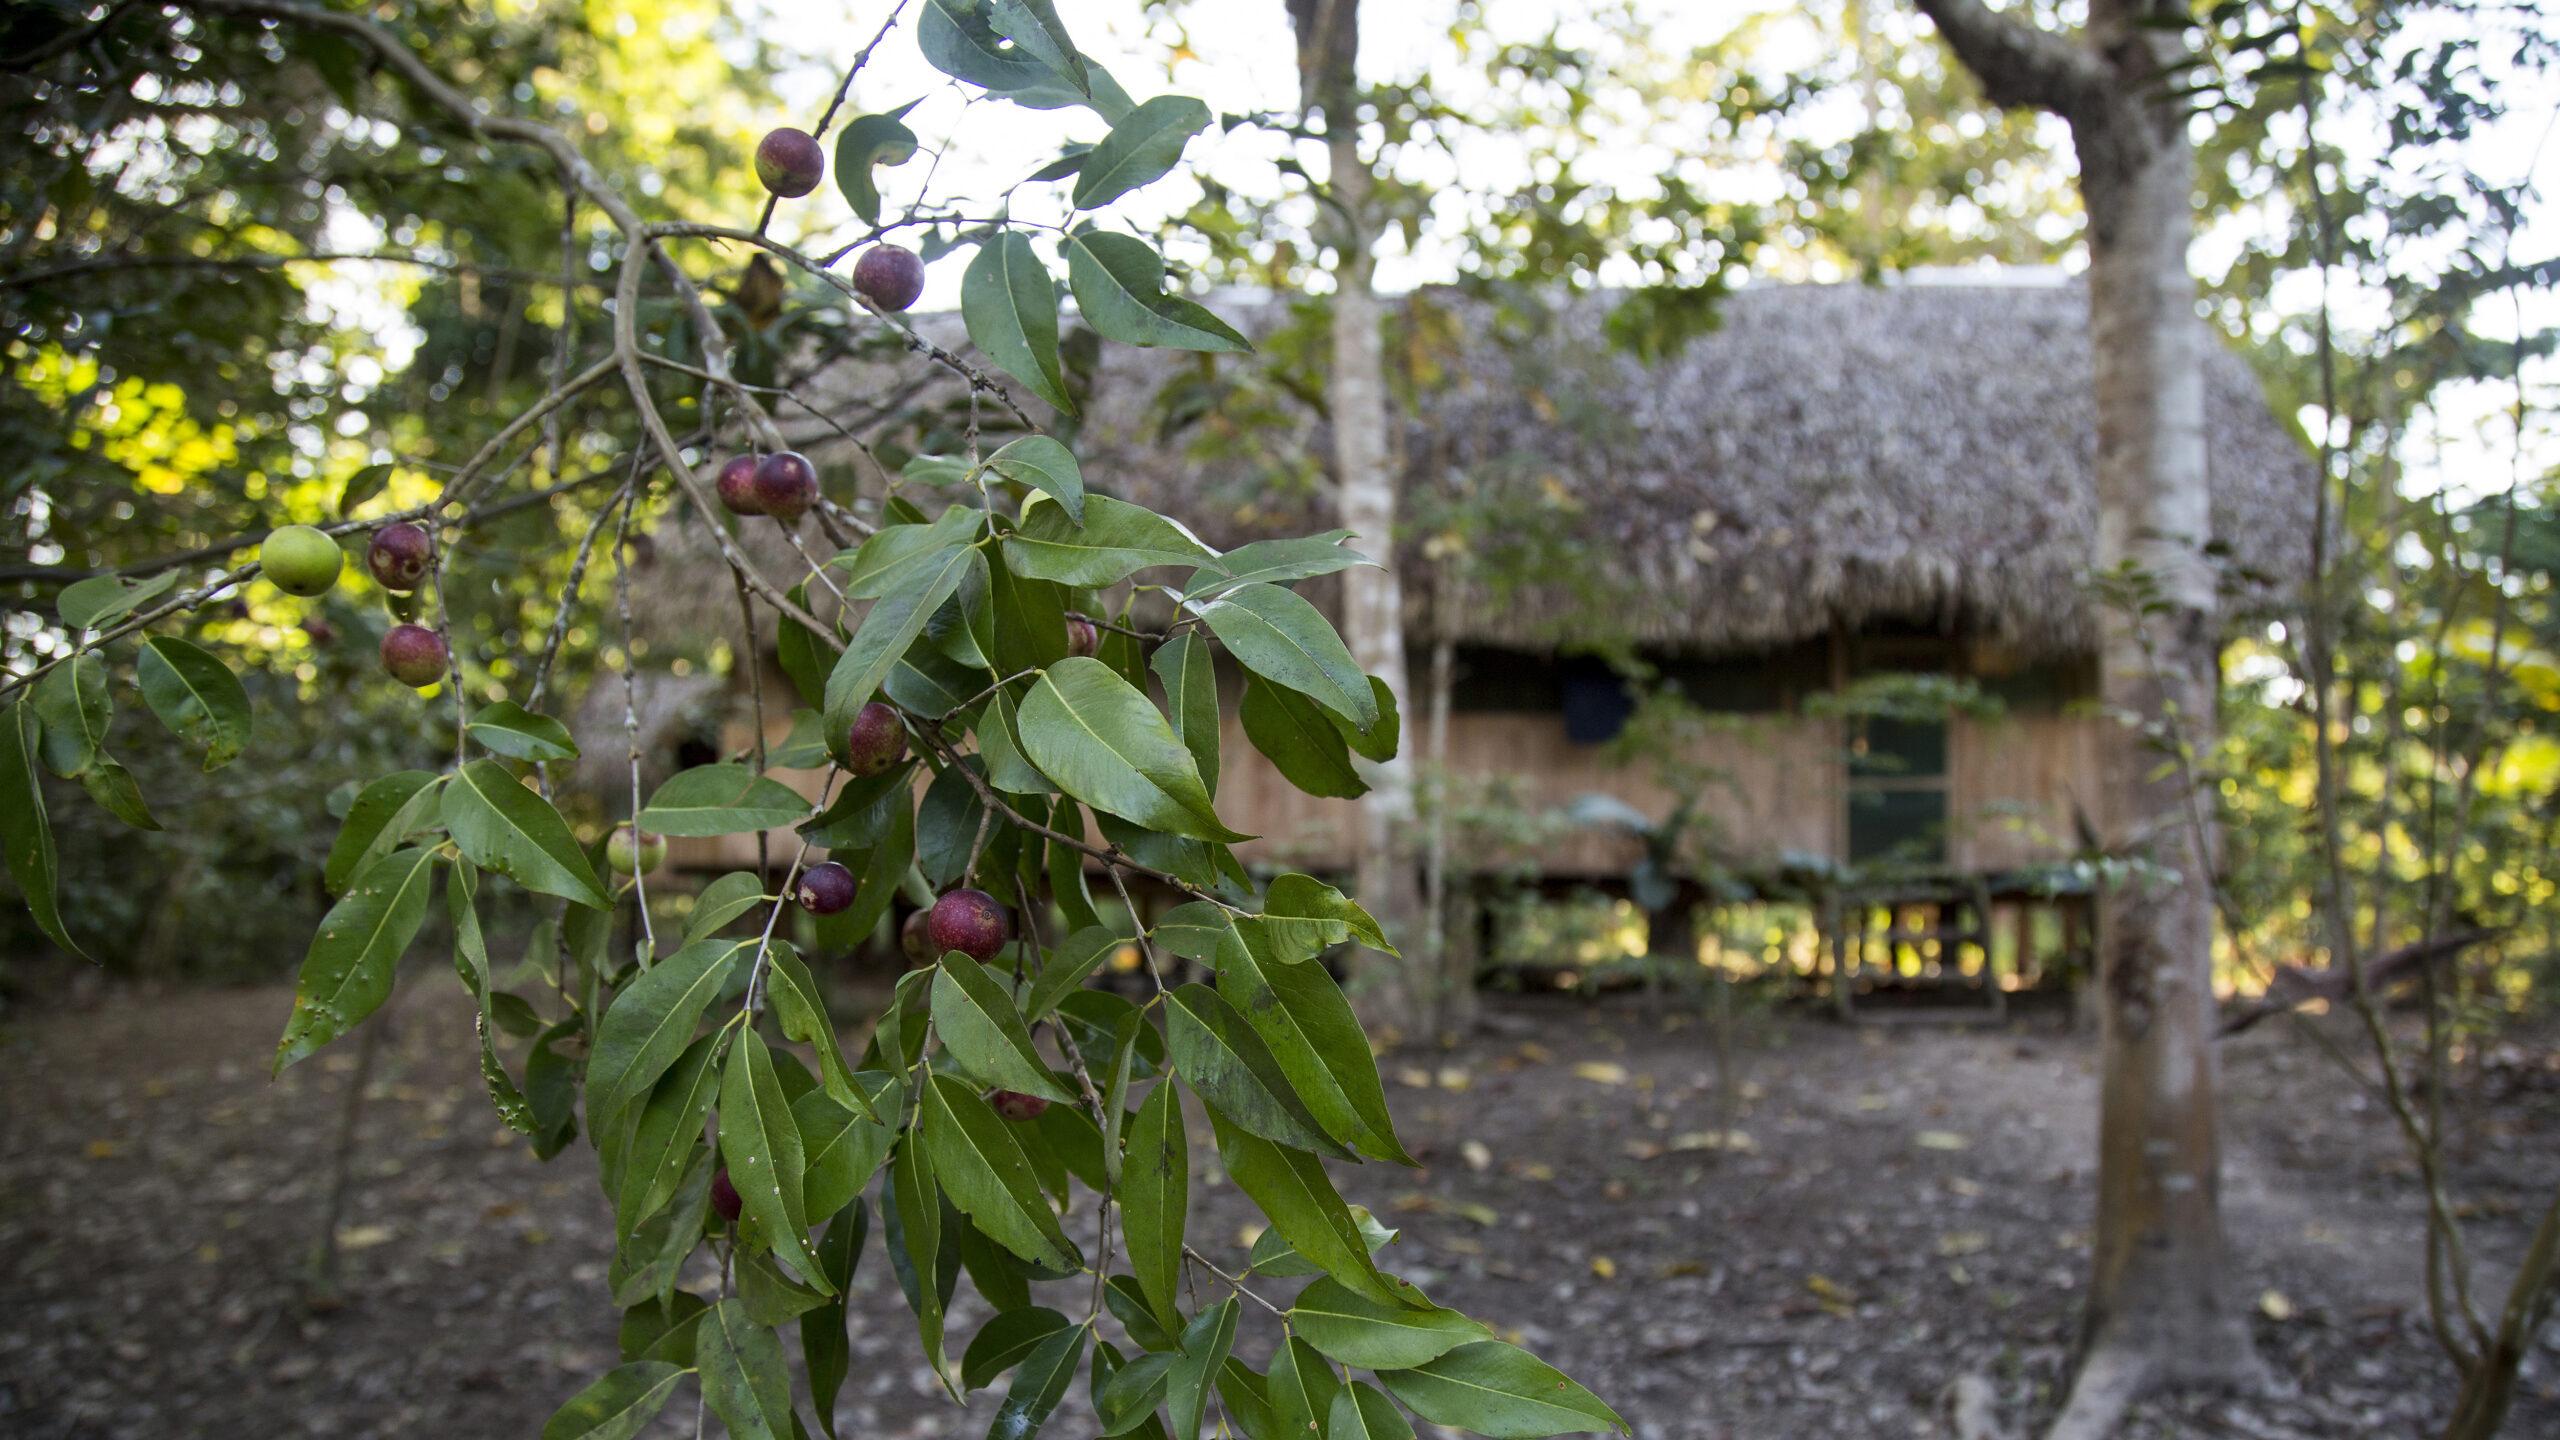 El misterio de la ayahuasca: ¿Qué hay en el viaje espiritual?